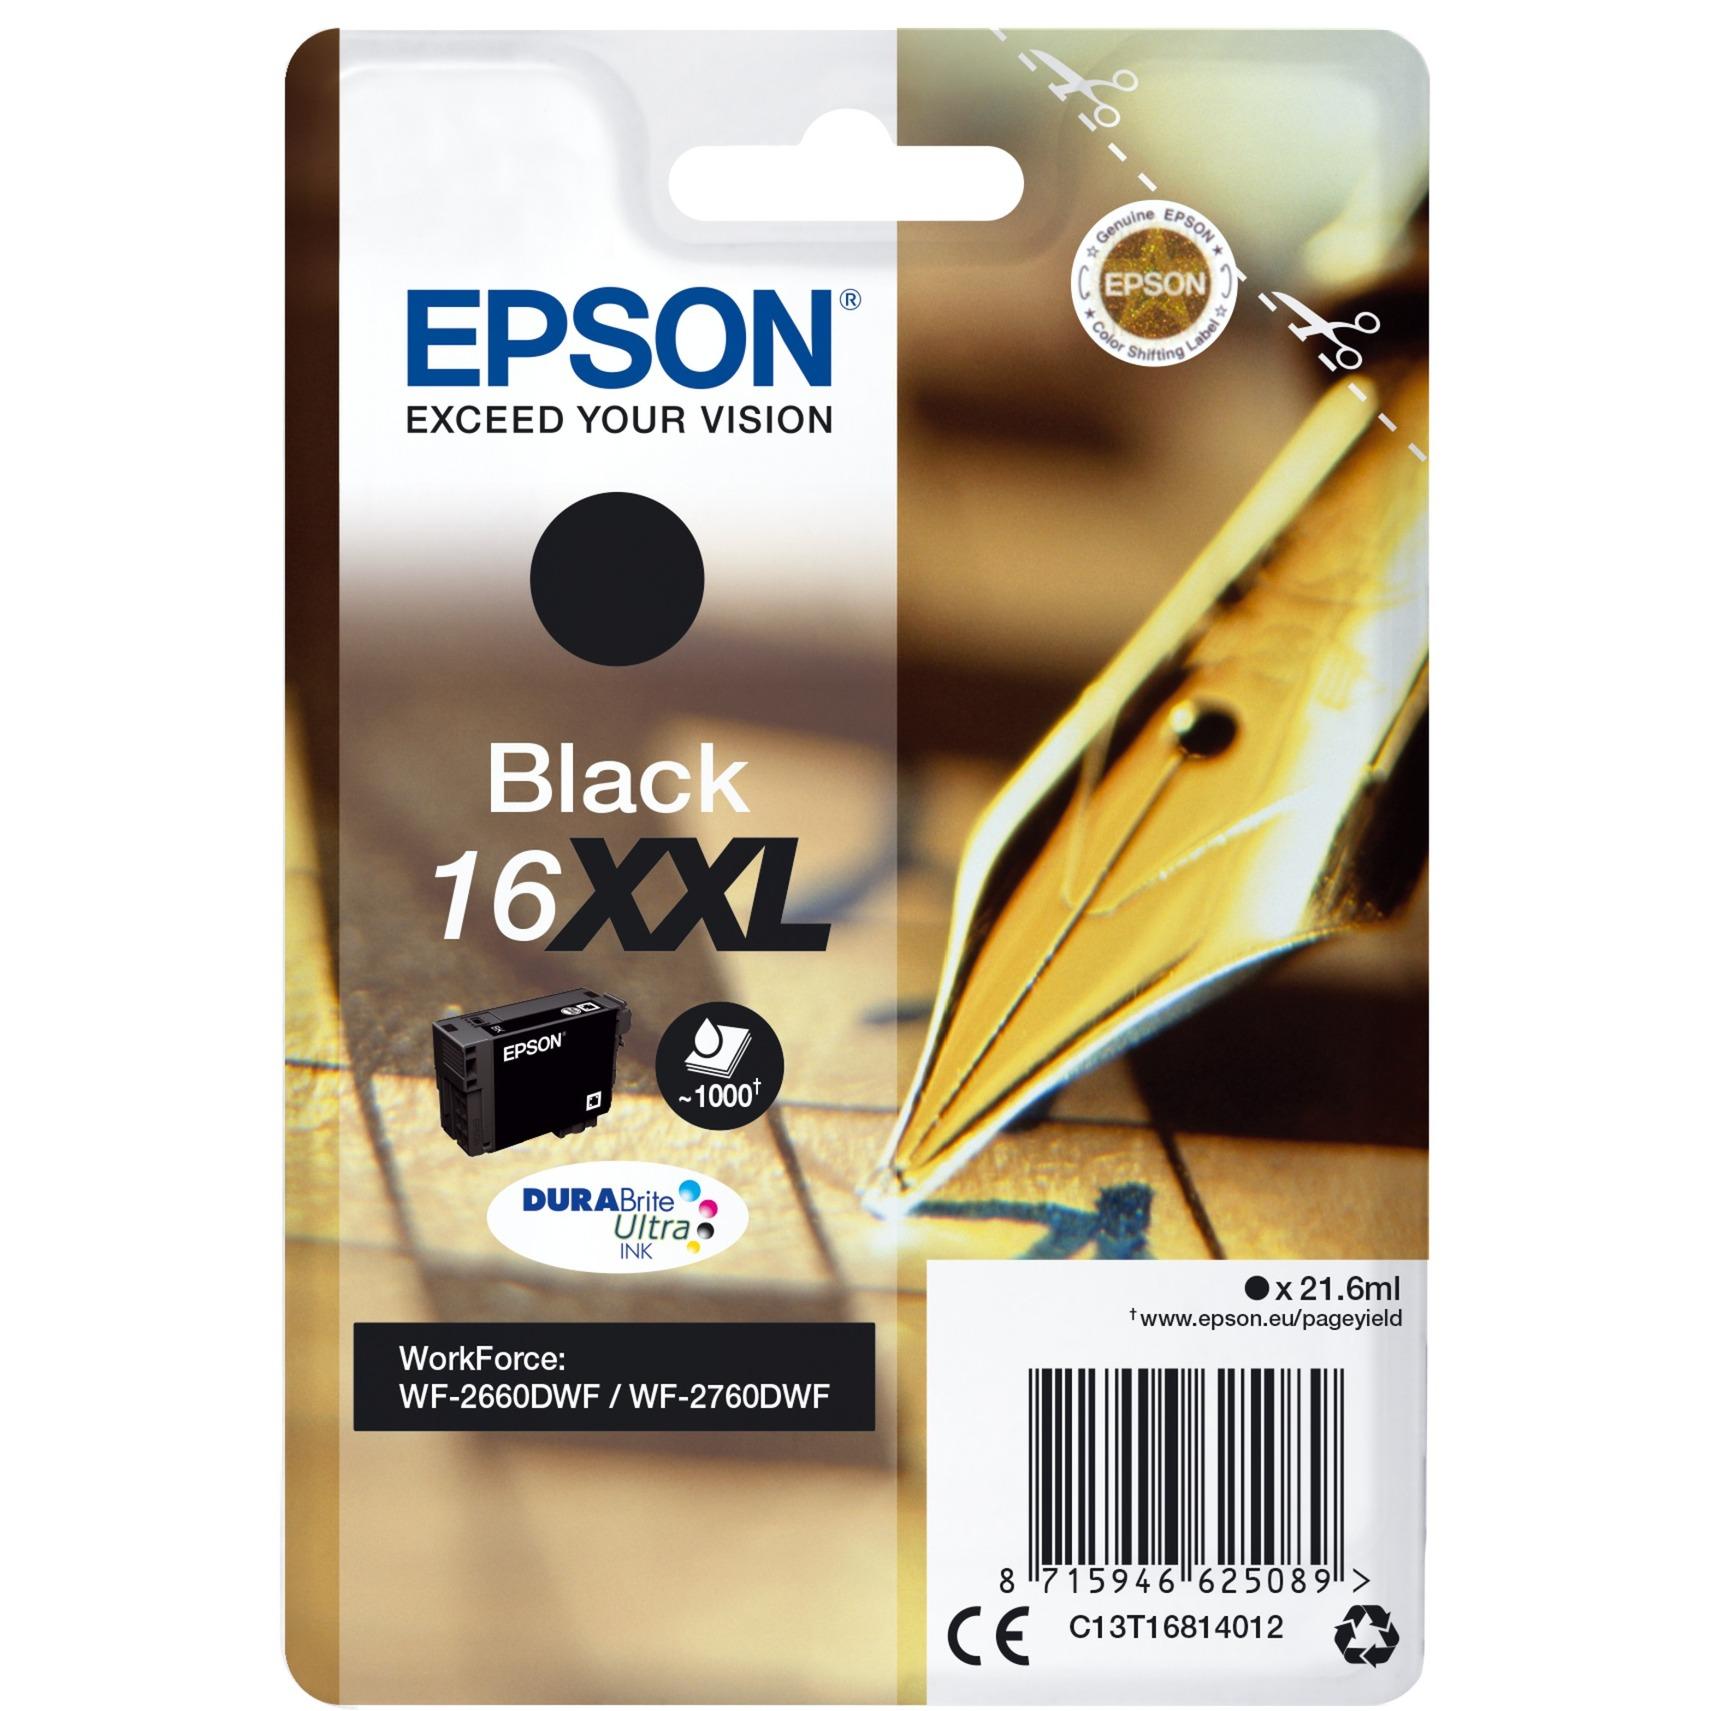 C13T16814012 21.6ml 1000pages Noir cartouche d'encre